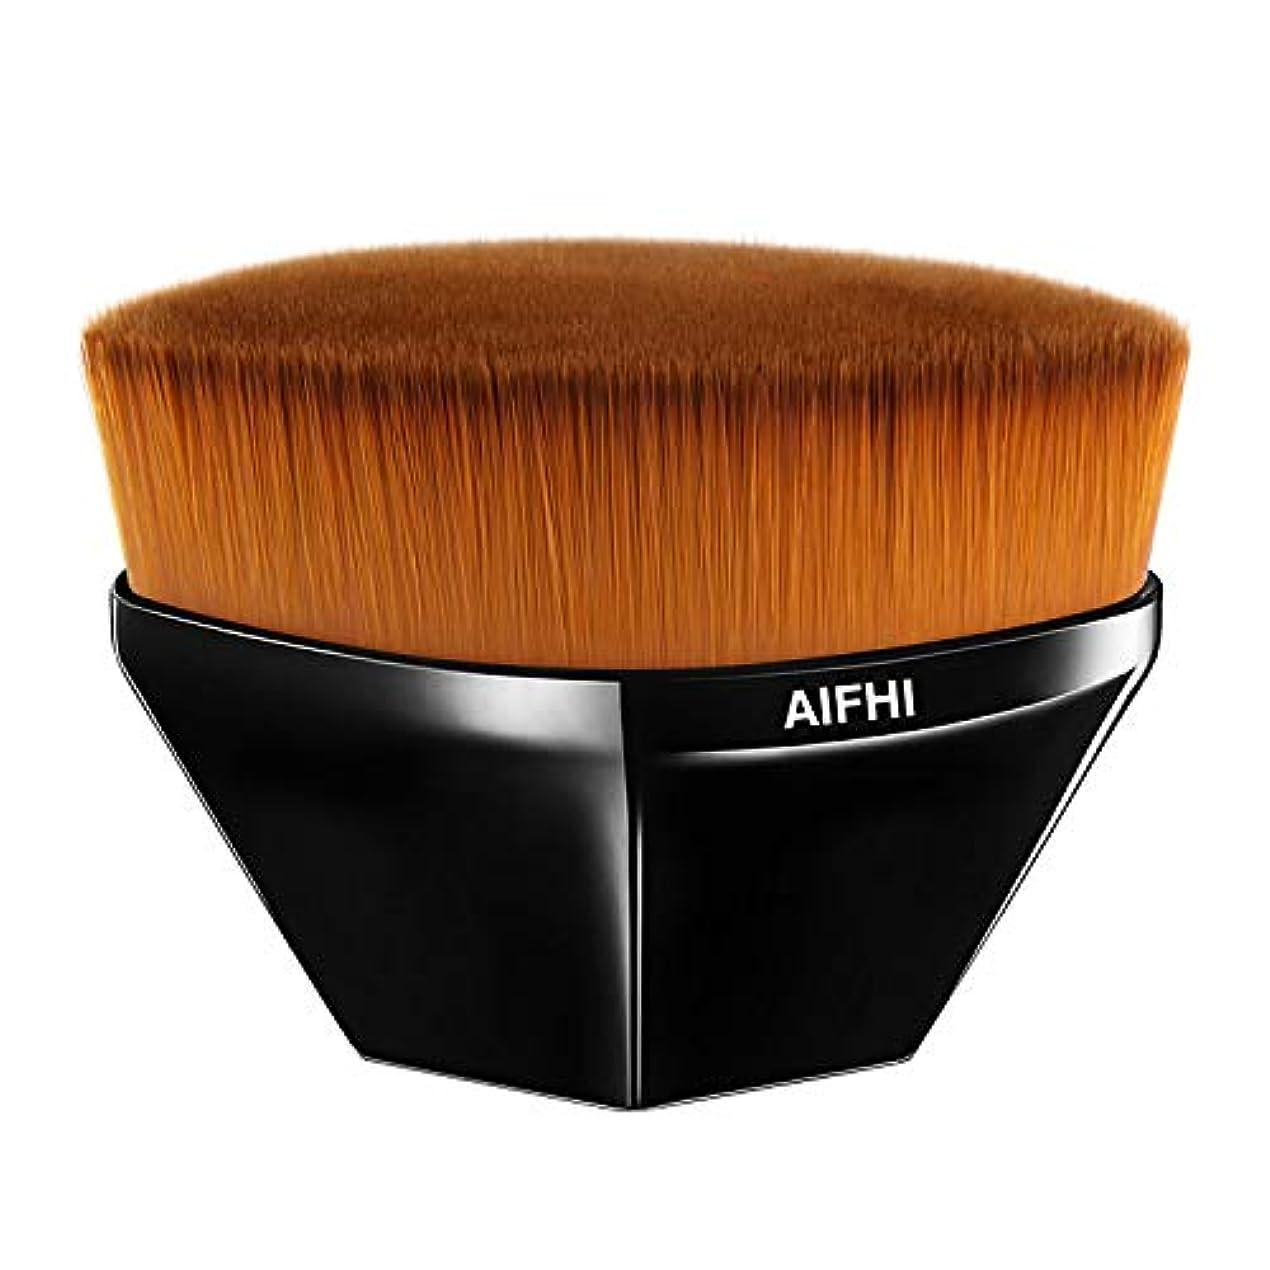 聖歌それら便利AIFHI メイクアップブラシ 粧ブラシ 化粧筆 ファンデーションブラシ 肌に優しい 携帯便利 高級のタクロンを使用 (ブラック)